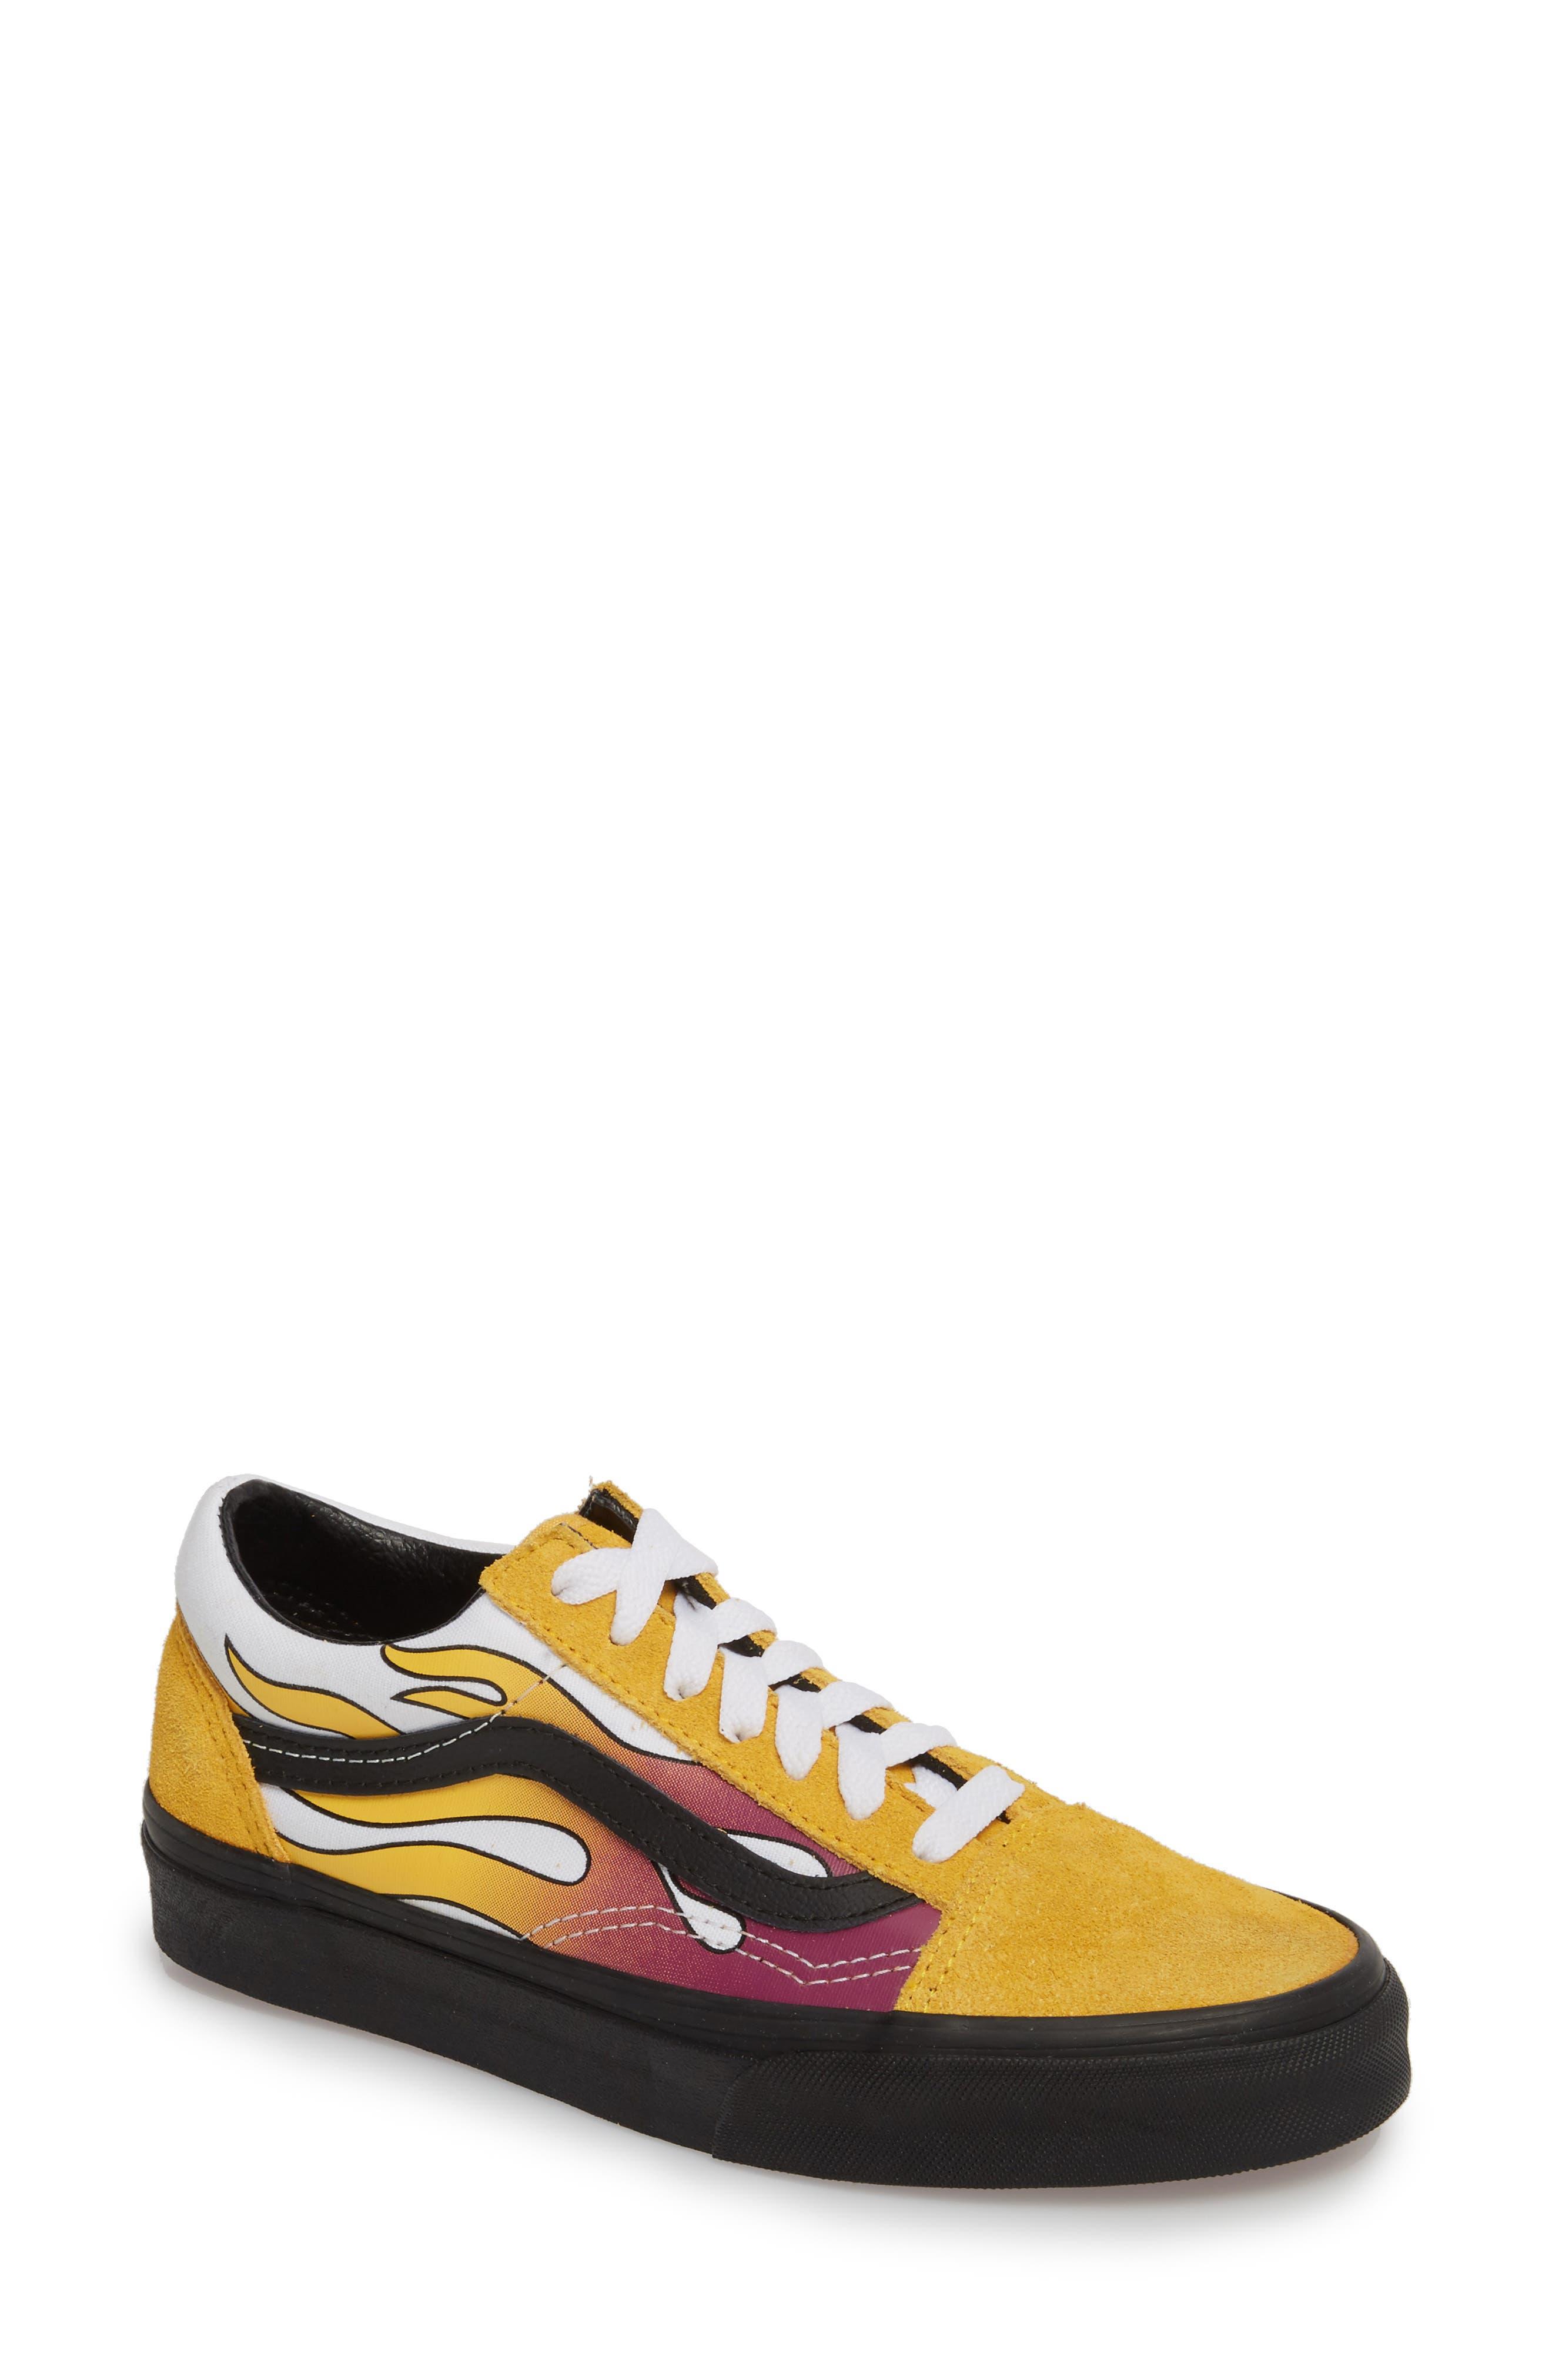 Vans Old Skool Sneaker, Yellow